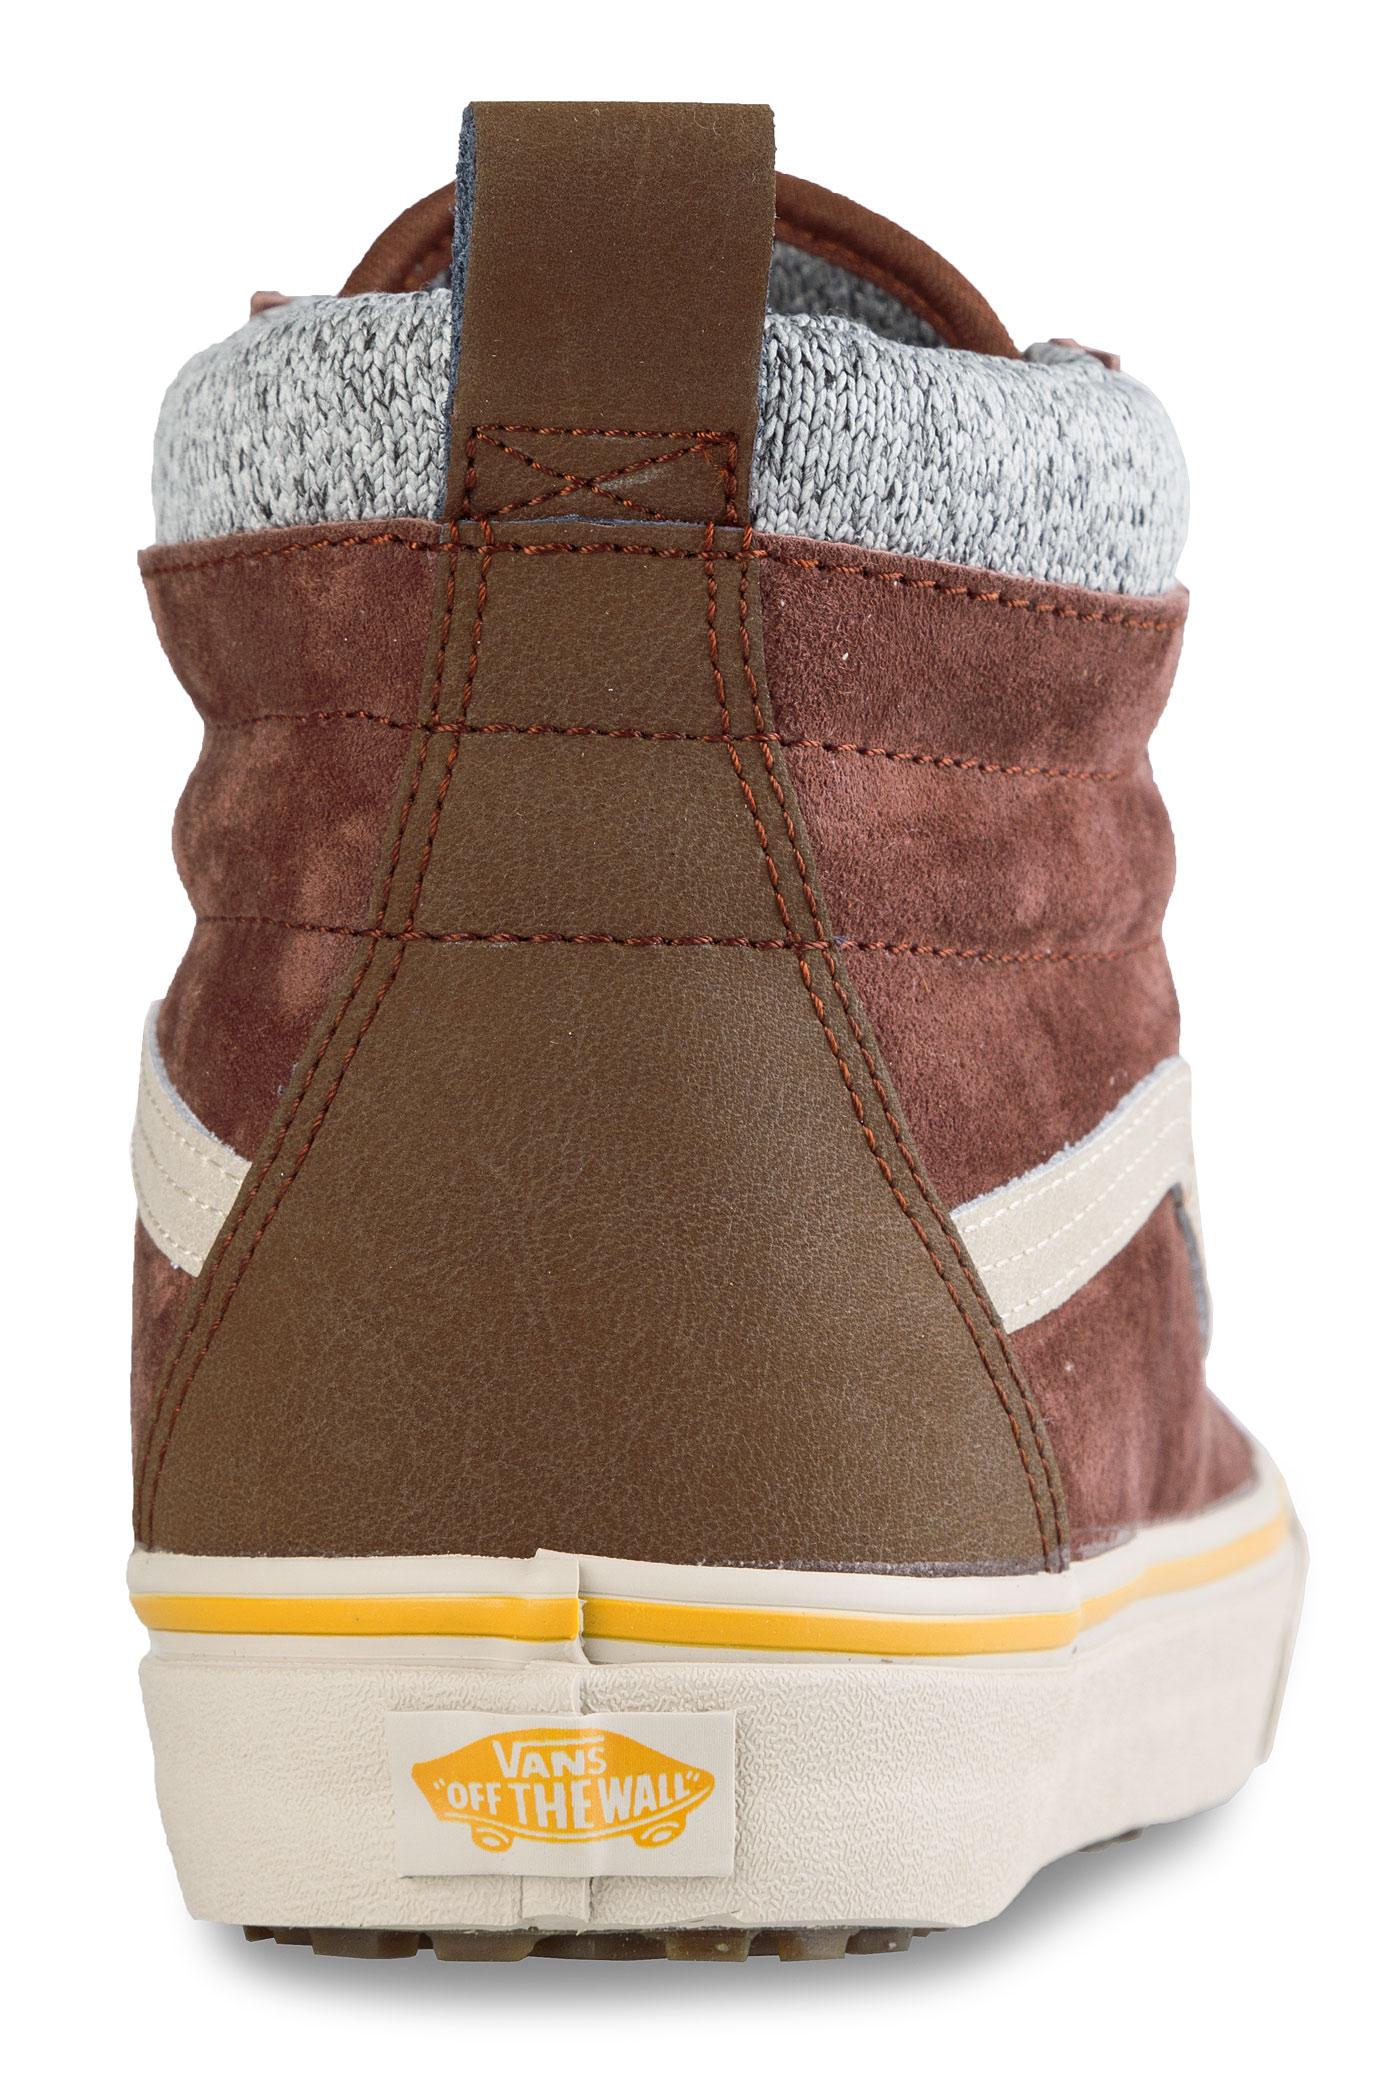 29286d1dff9 Vans Sk8-Hi MTE DX Shoe (cappuccino hummus) buy at skatedeluxe